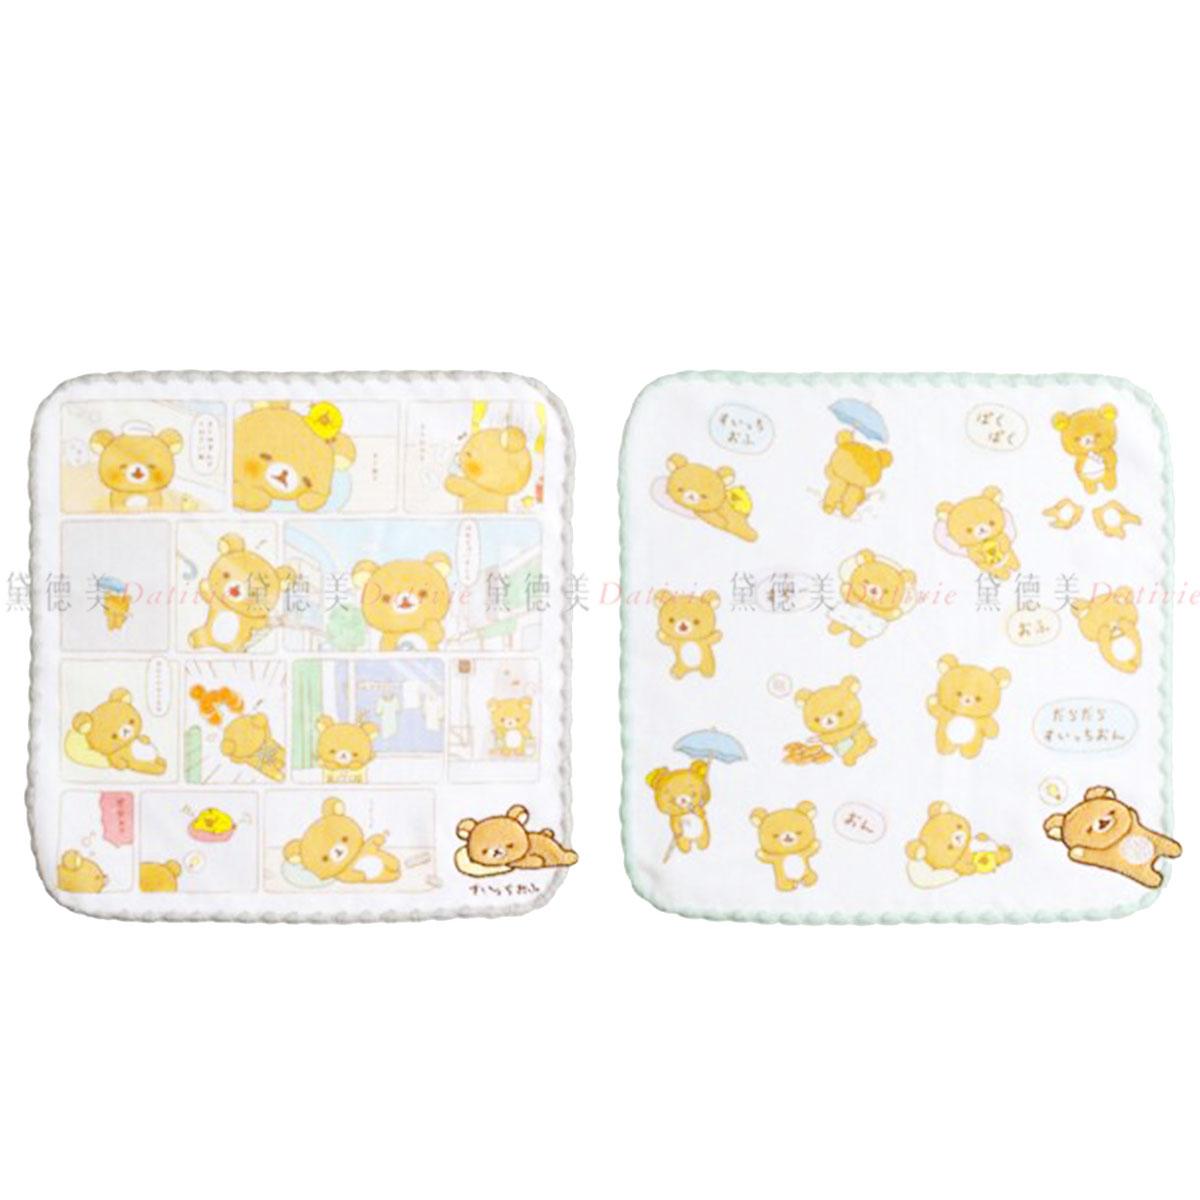 純棉刺繡印花方巾 25x25cm-拉拉熊 懶懶熊 SAN-X  日本進口正版授權